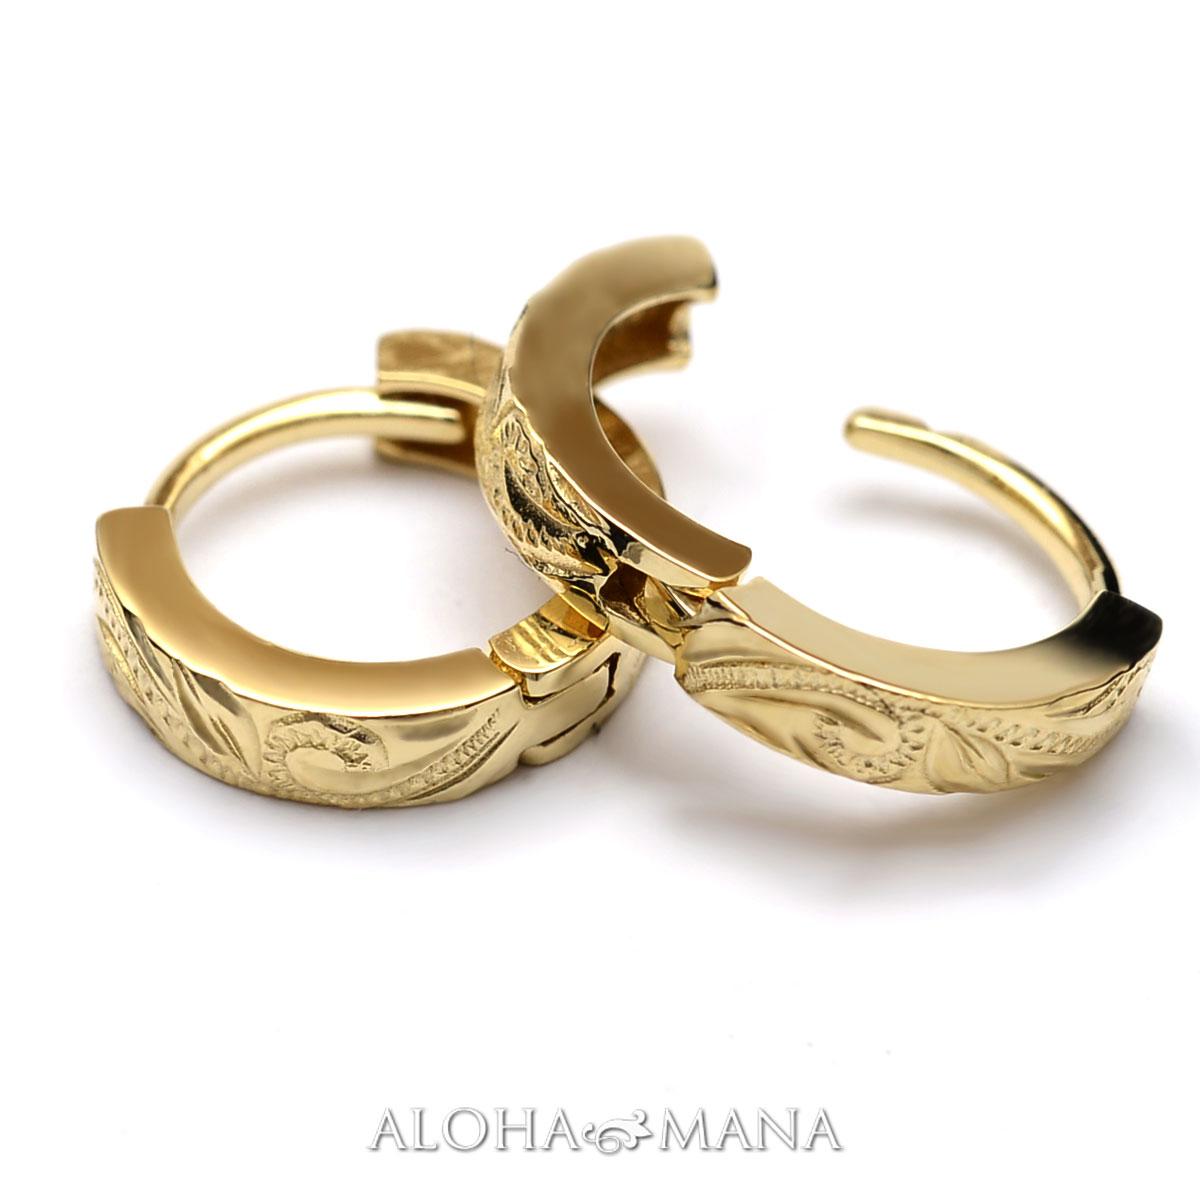 ハワイアンジュエリー ピアス K10ゴールド スクロール ソリッド フープピアス ape1263a